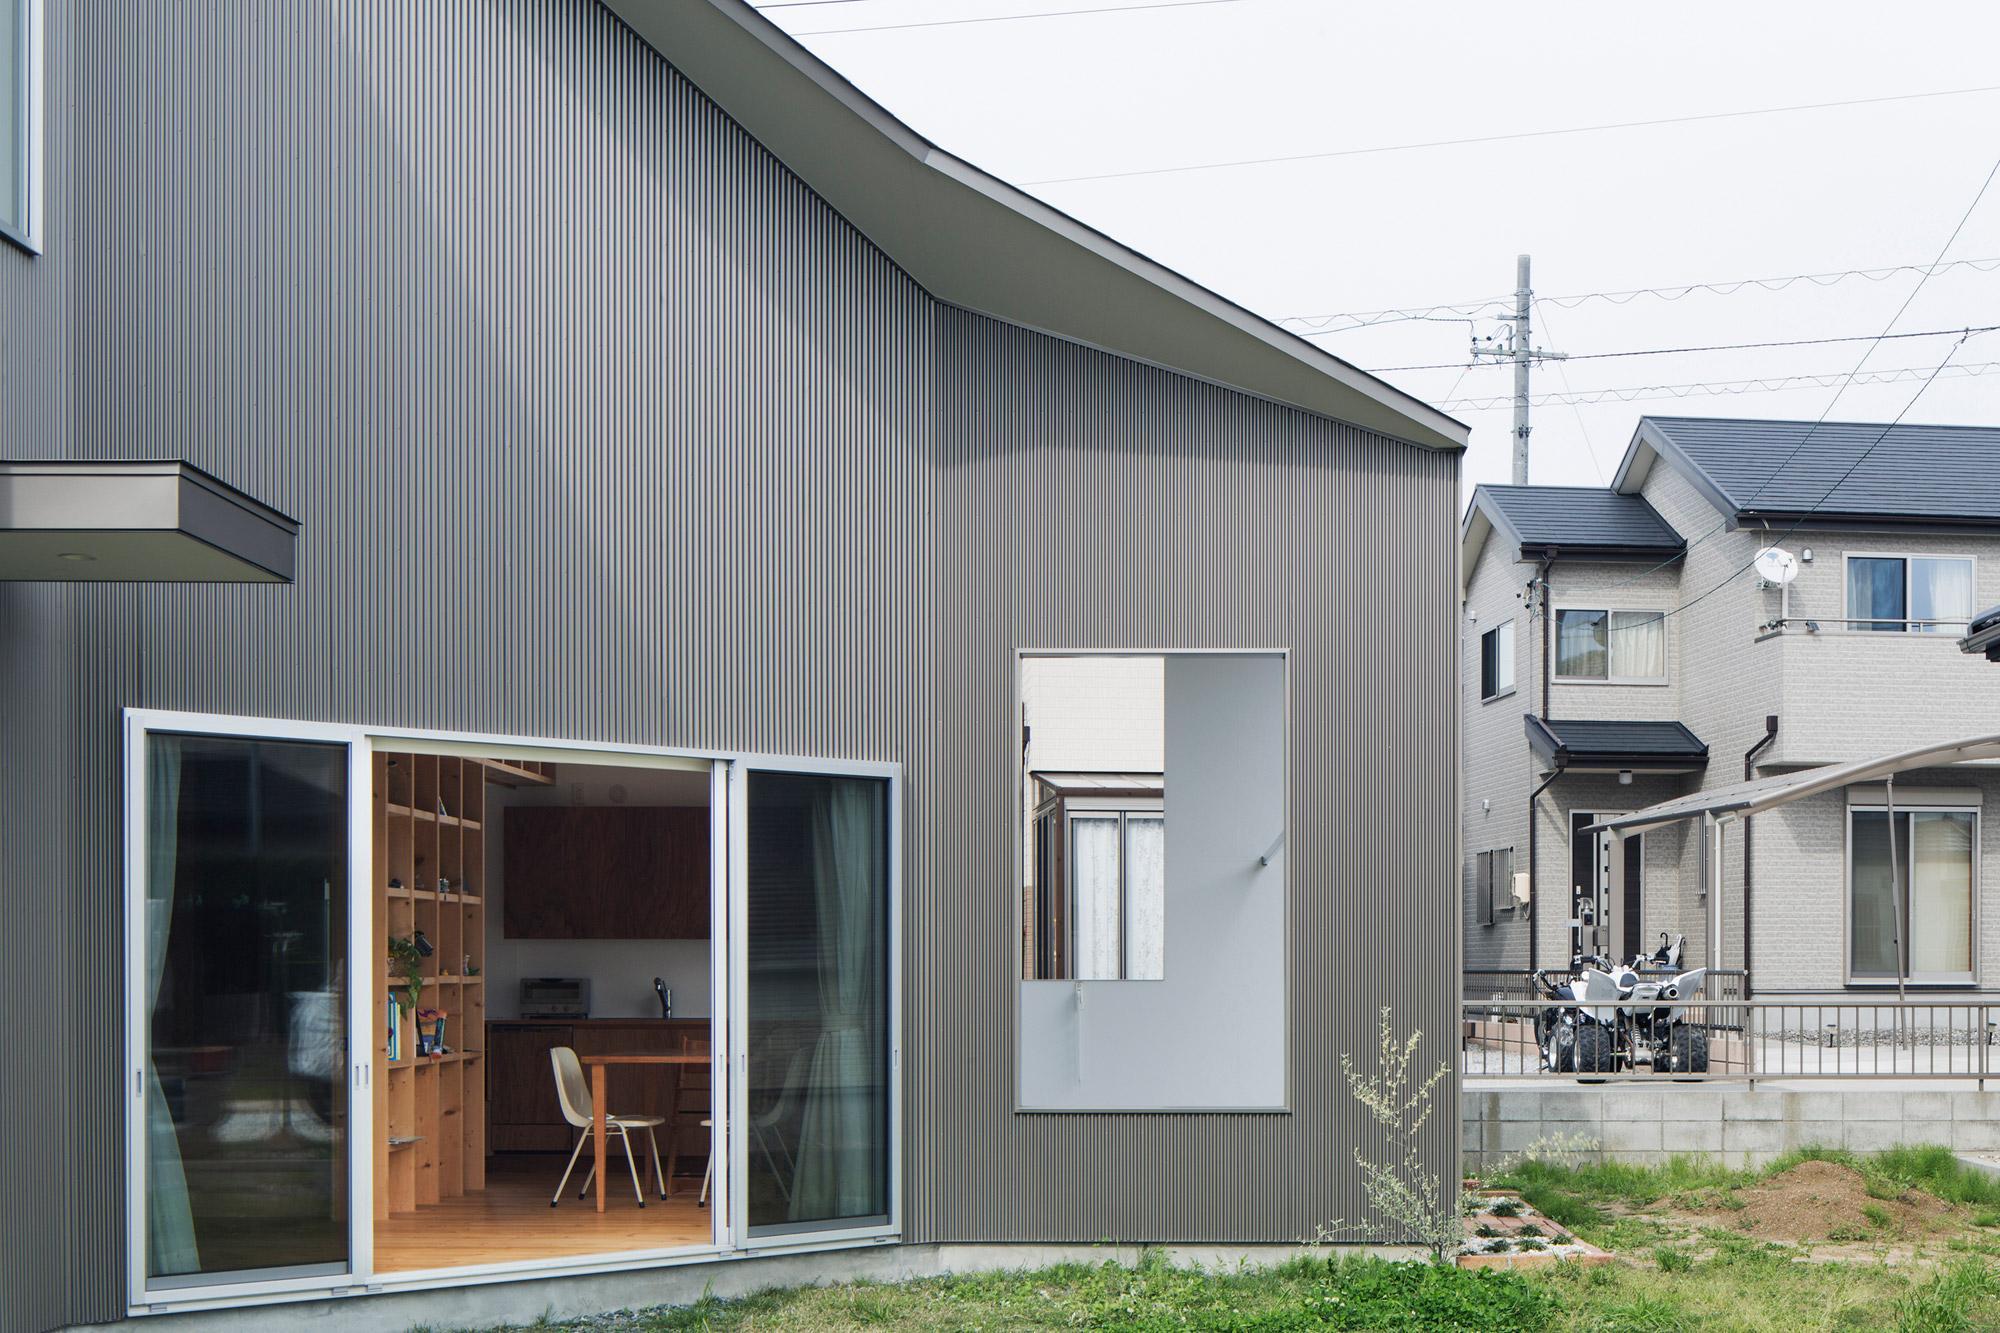 torimichiの写真 風が通る開放的な空間